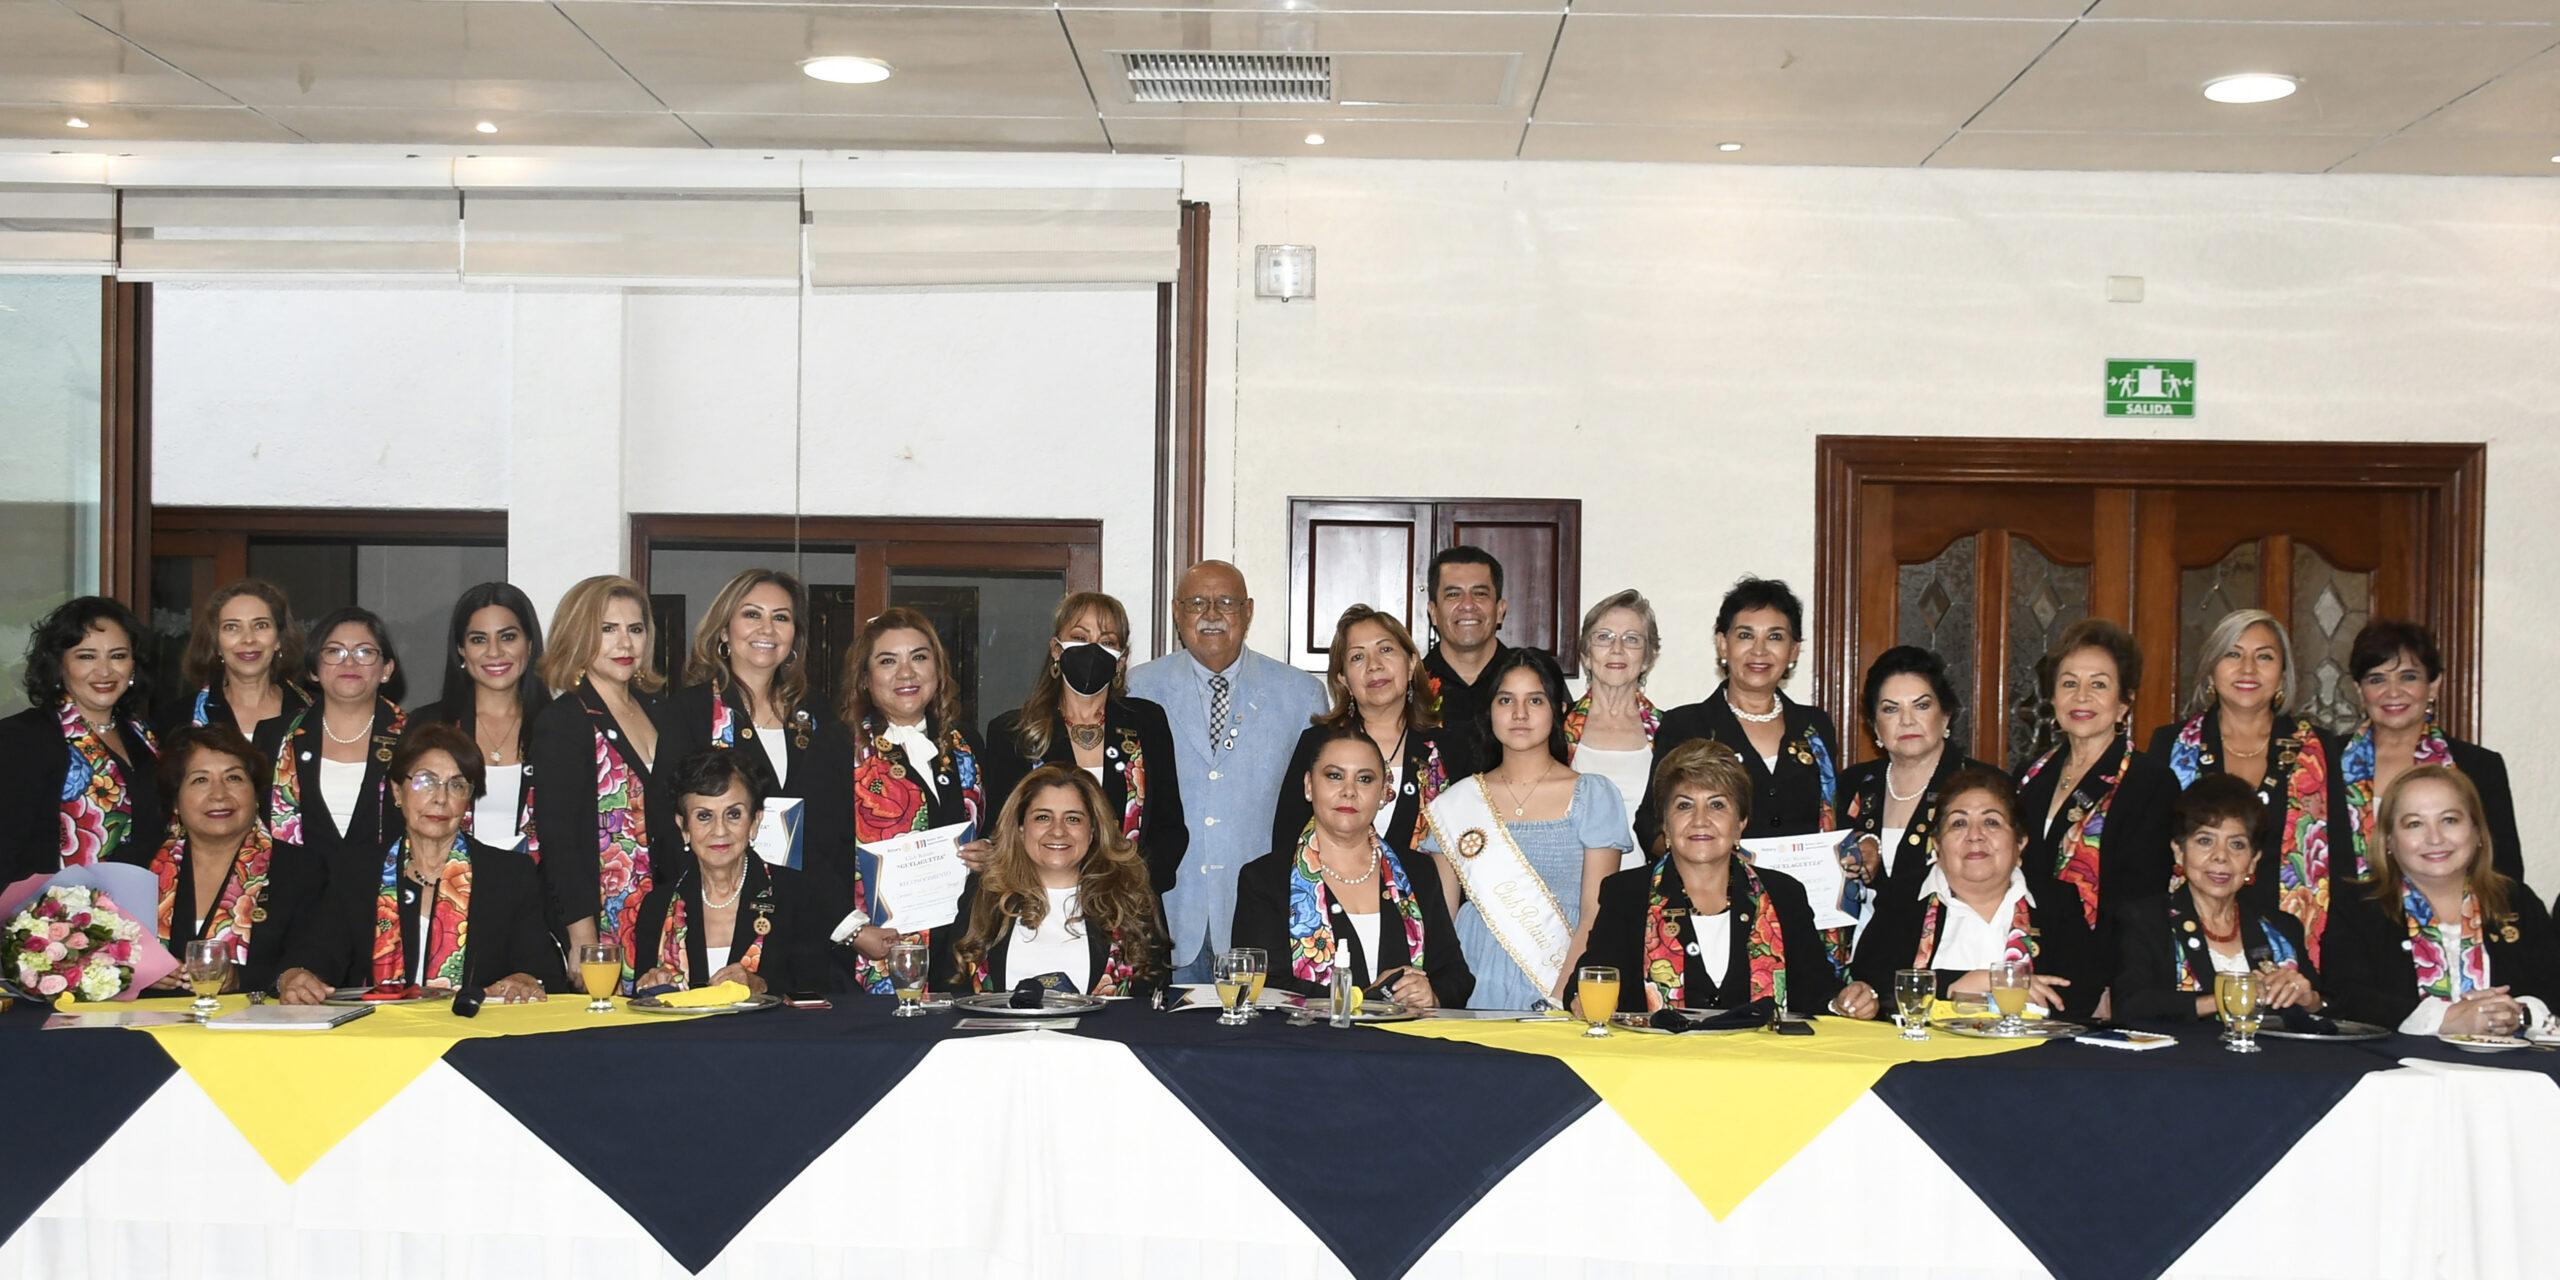 Celebran Cierre del Año Rotario   El Imparcial de Oaxaca